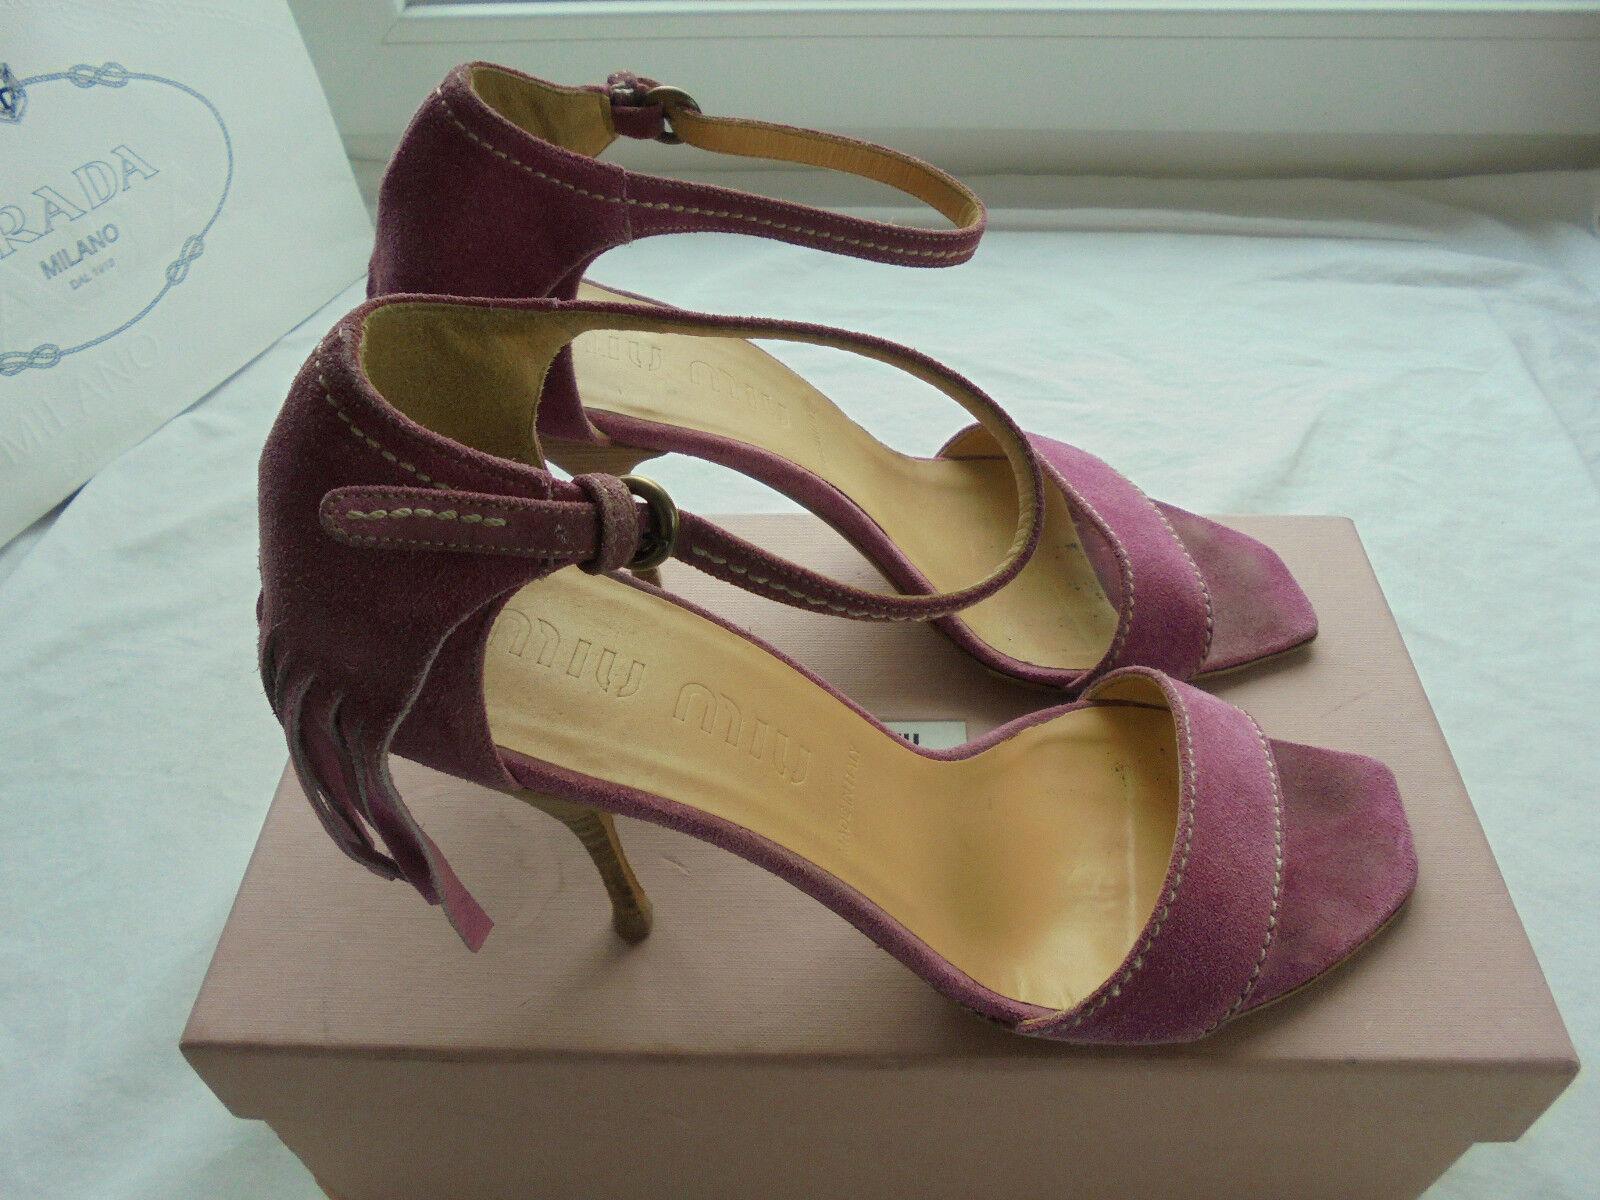 Miu Miu by Prada Leder Sandaletten NP:  w NEU Pumps Schuhe High Heels Gr. 40